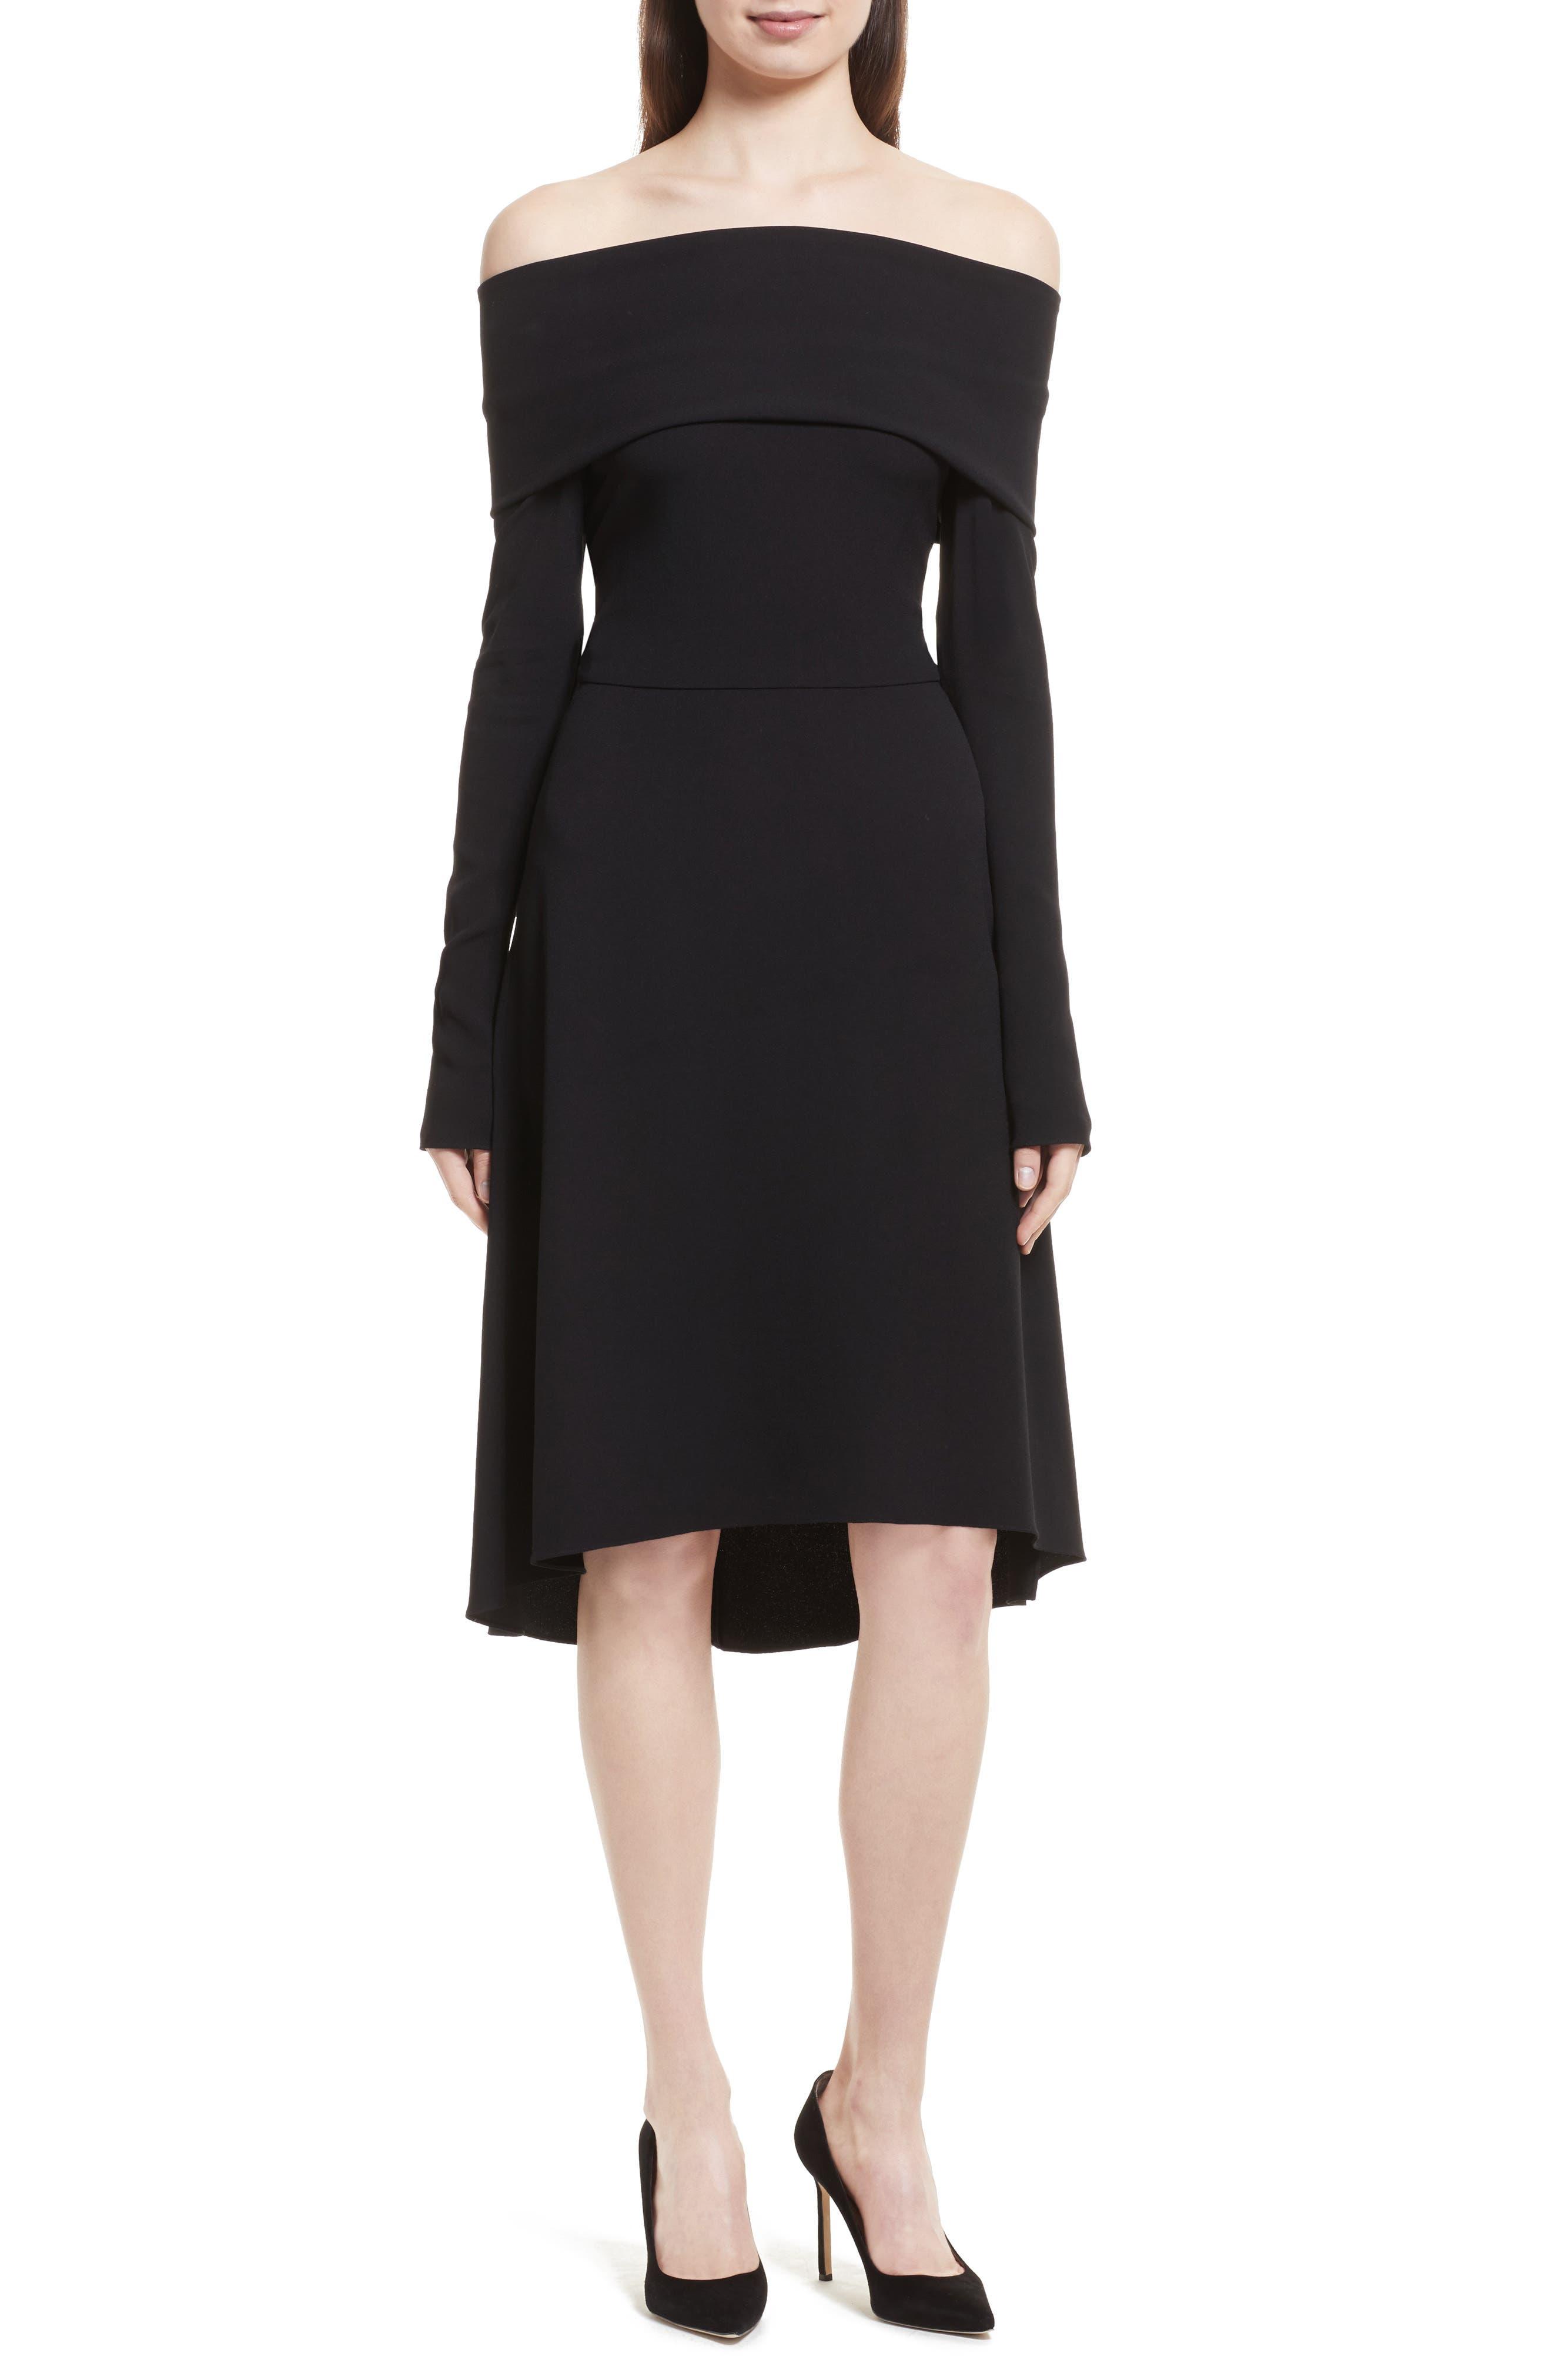 Kensington Off the Shoulder Foldover Dress,                         Main,                         color,